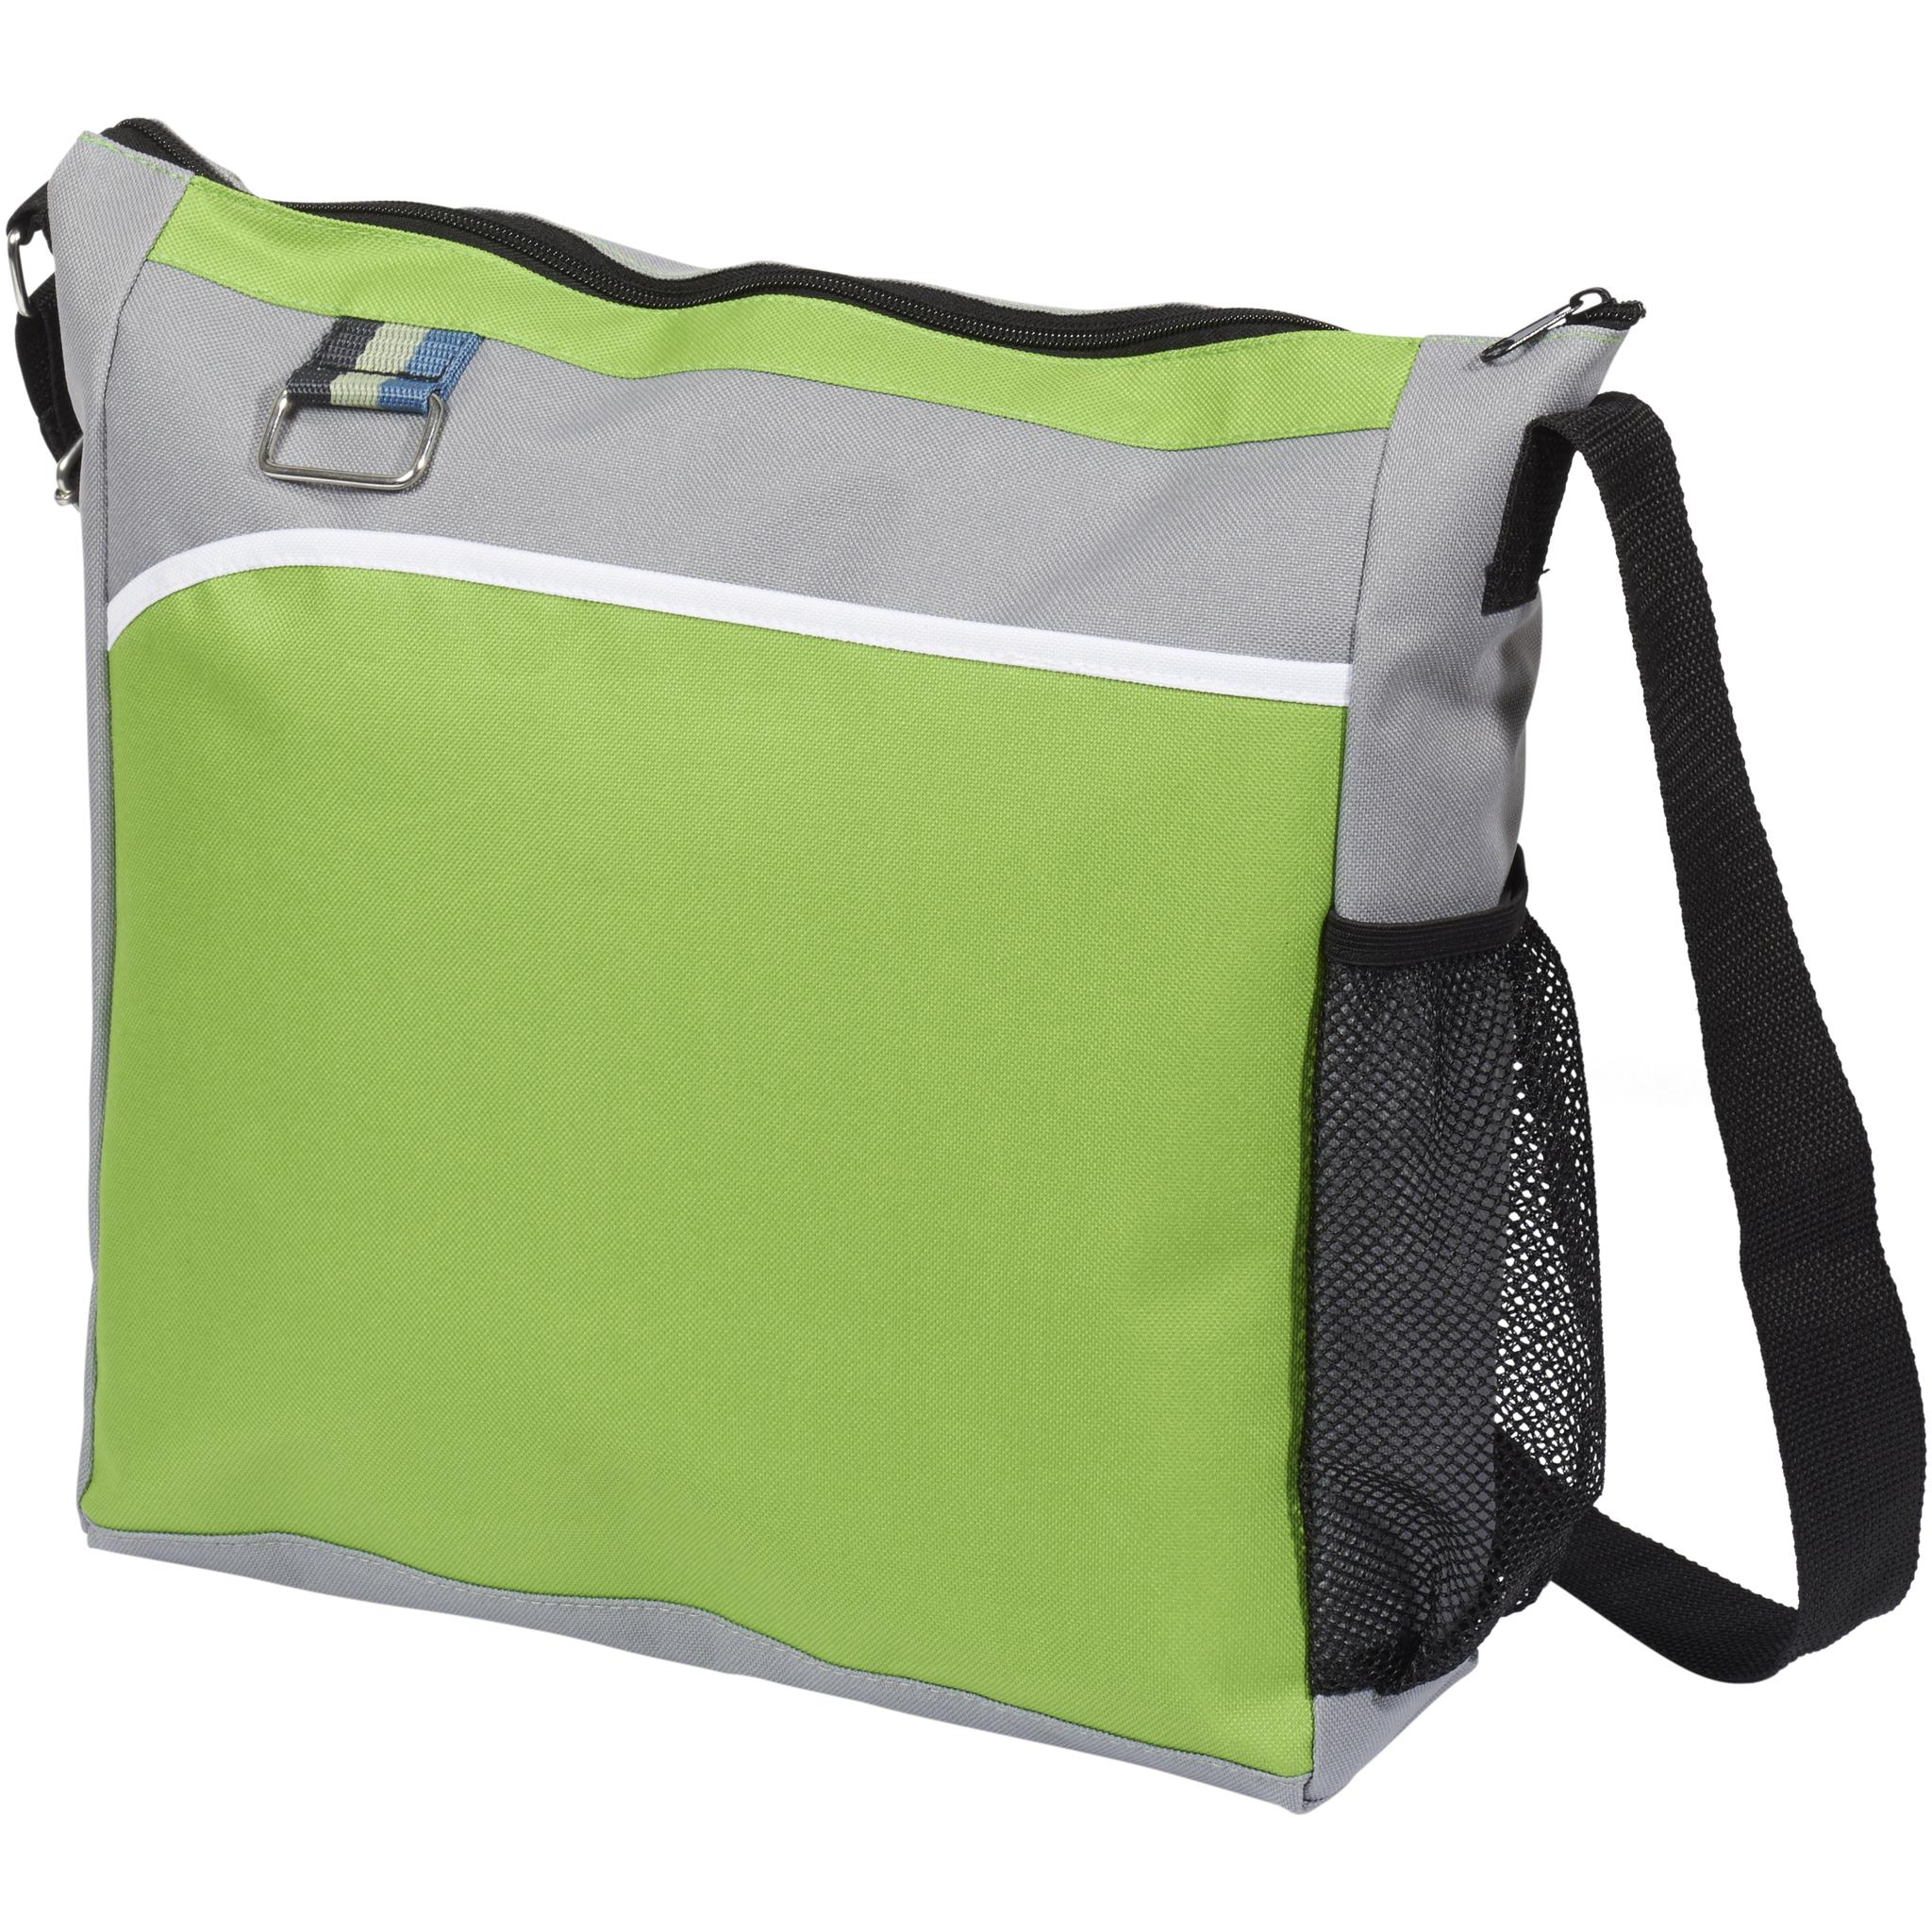 Bullet Kalmar Shoulder Bag (33 x 10 x 35.5 cm) (Lime)